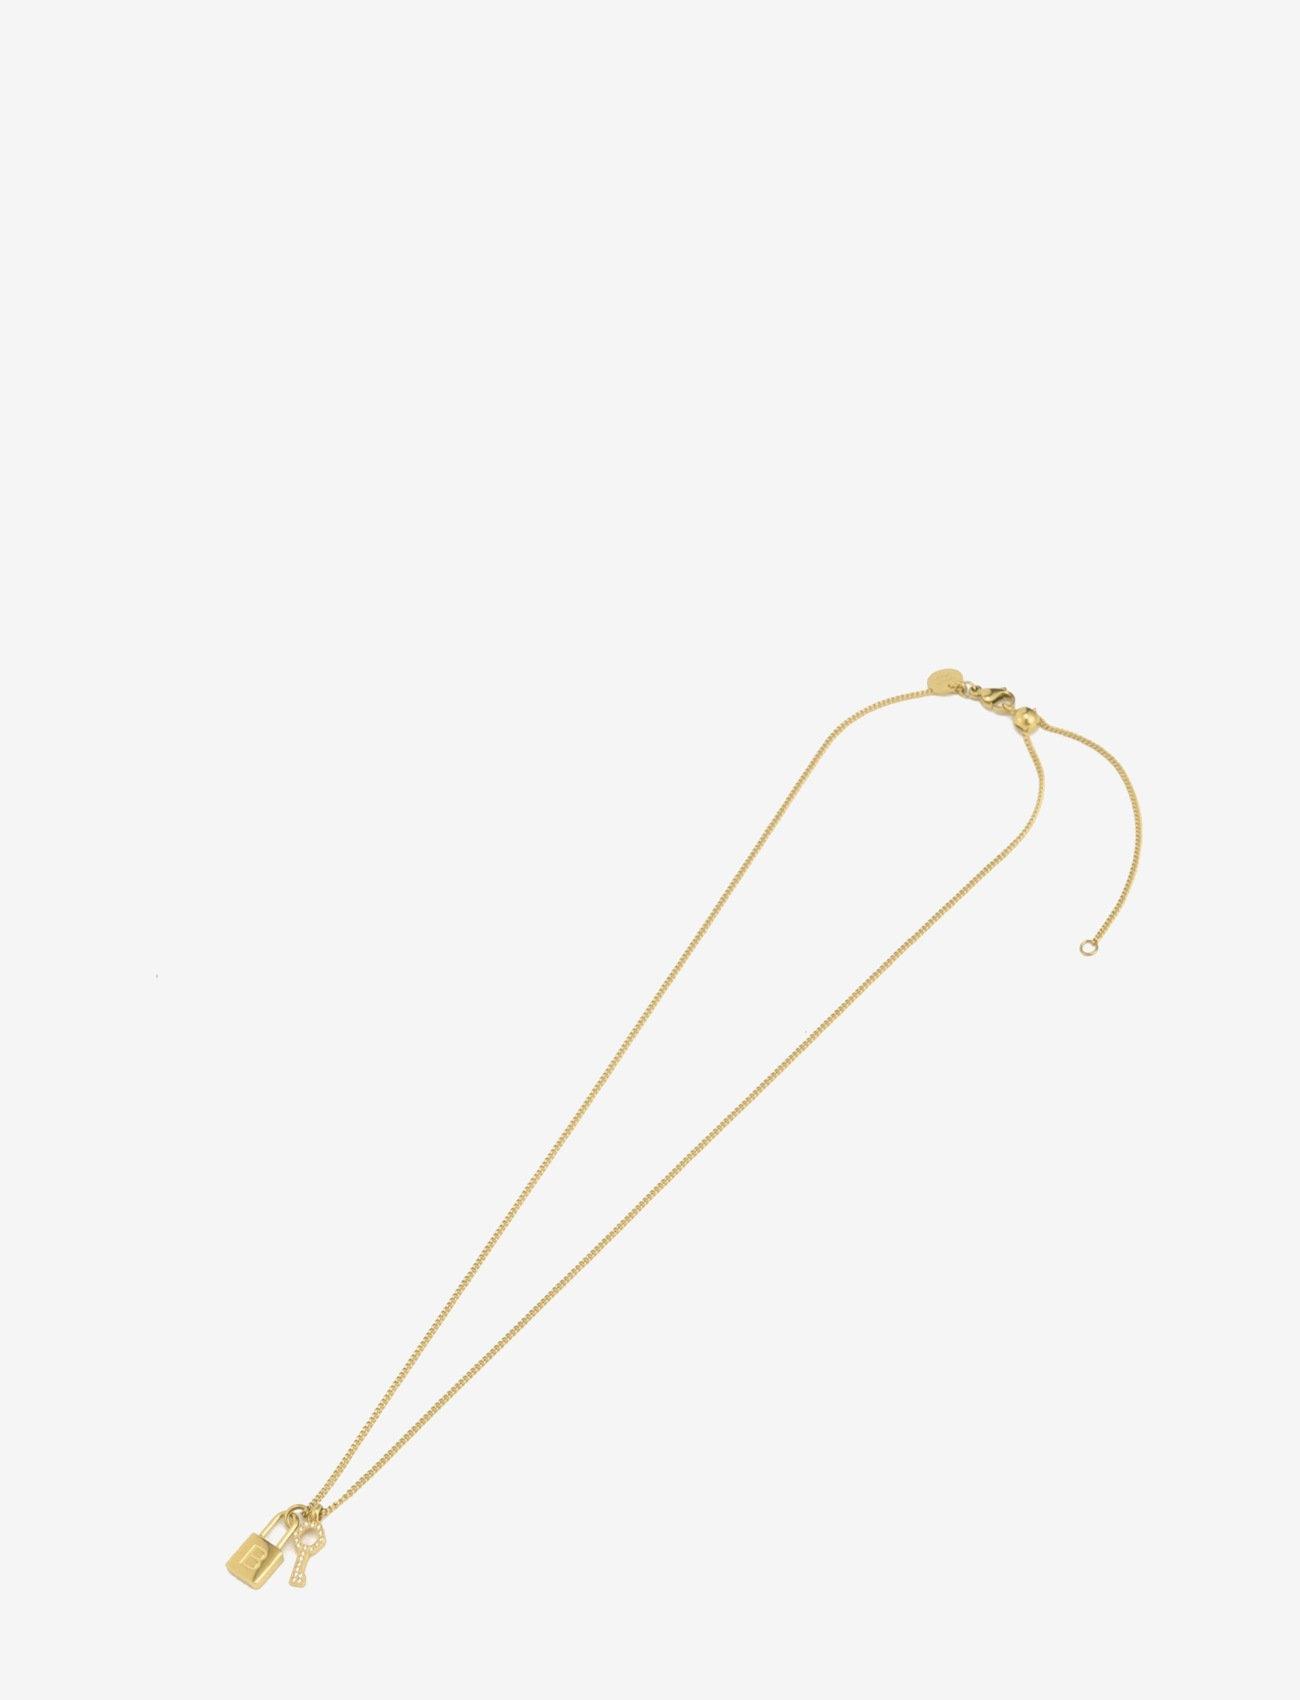 Bud to rose - Love Lock Necklace Steel - kettingen met hanger - gold - 0